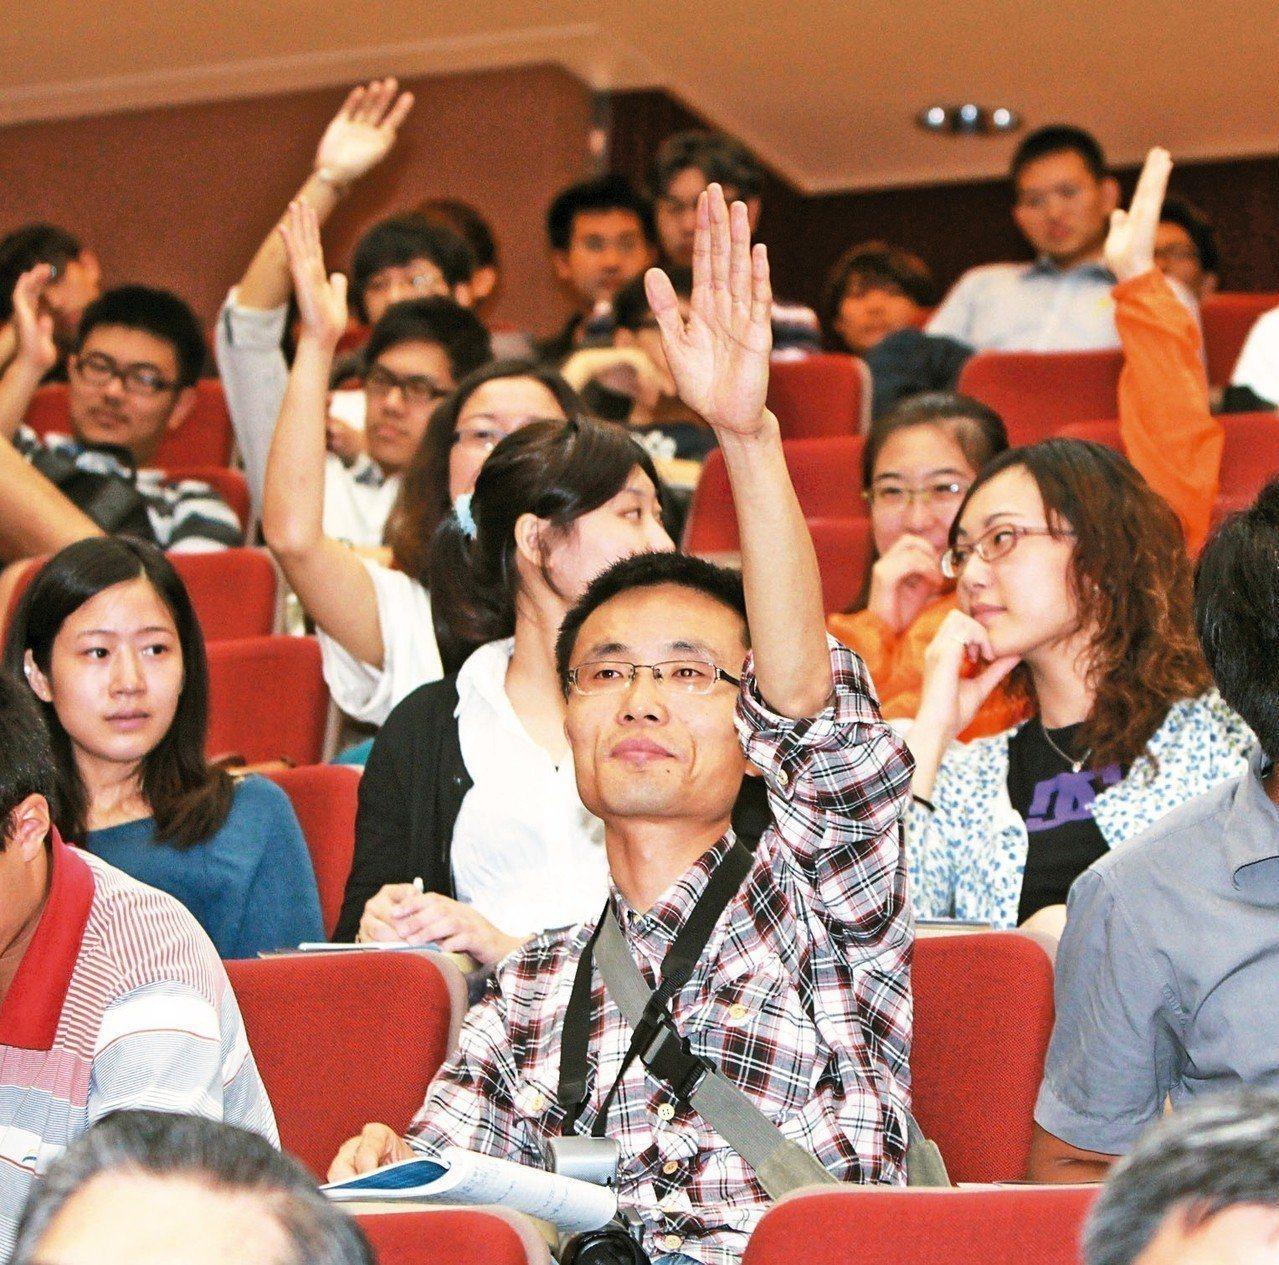 台灣標榜民主自由、言論多元開放,教育部卻要求各級學校邀大陸教育專業人士及學生來台...